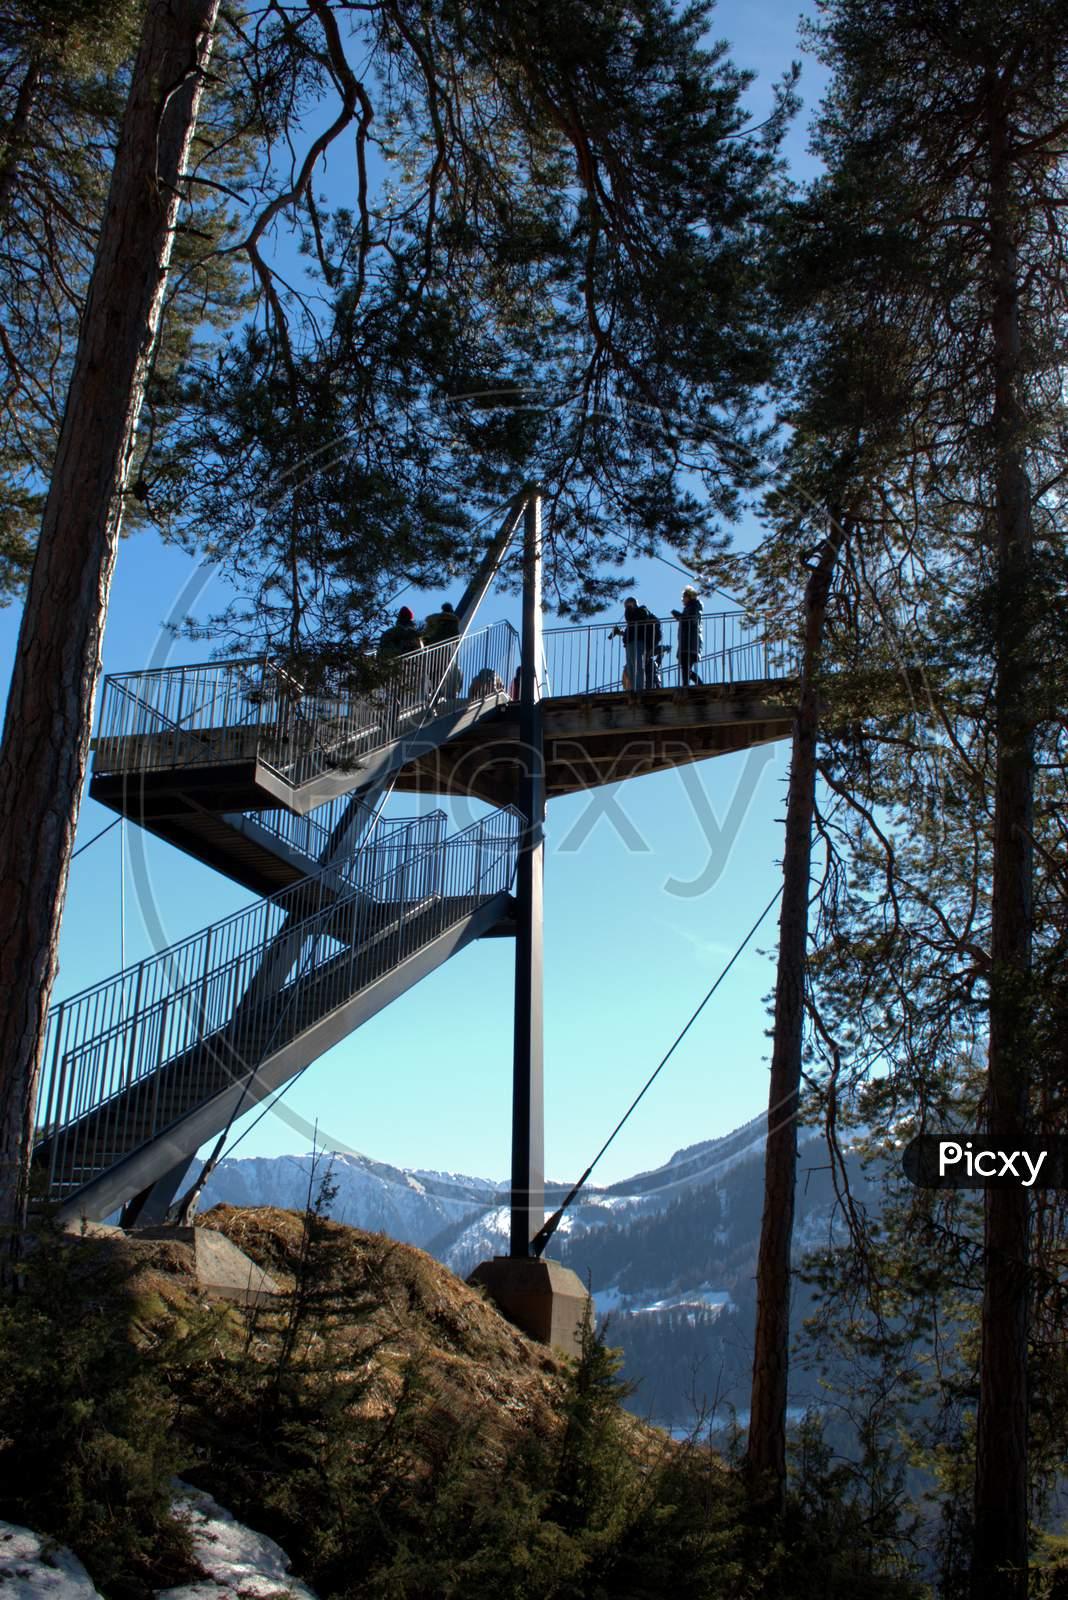 Platform At A View Point Near Flims In Switzerland 20.2.2021